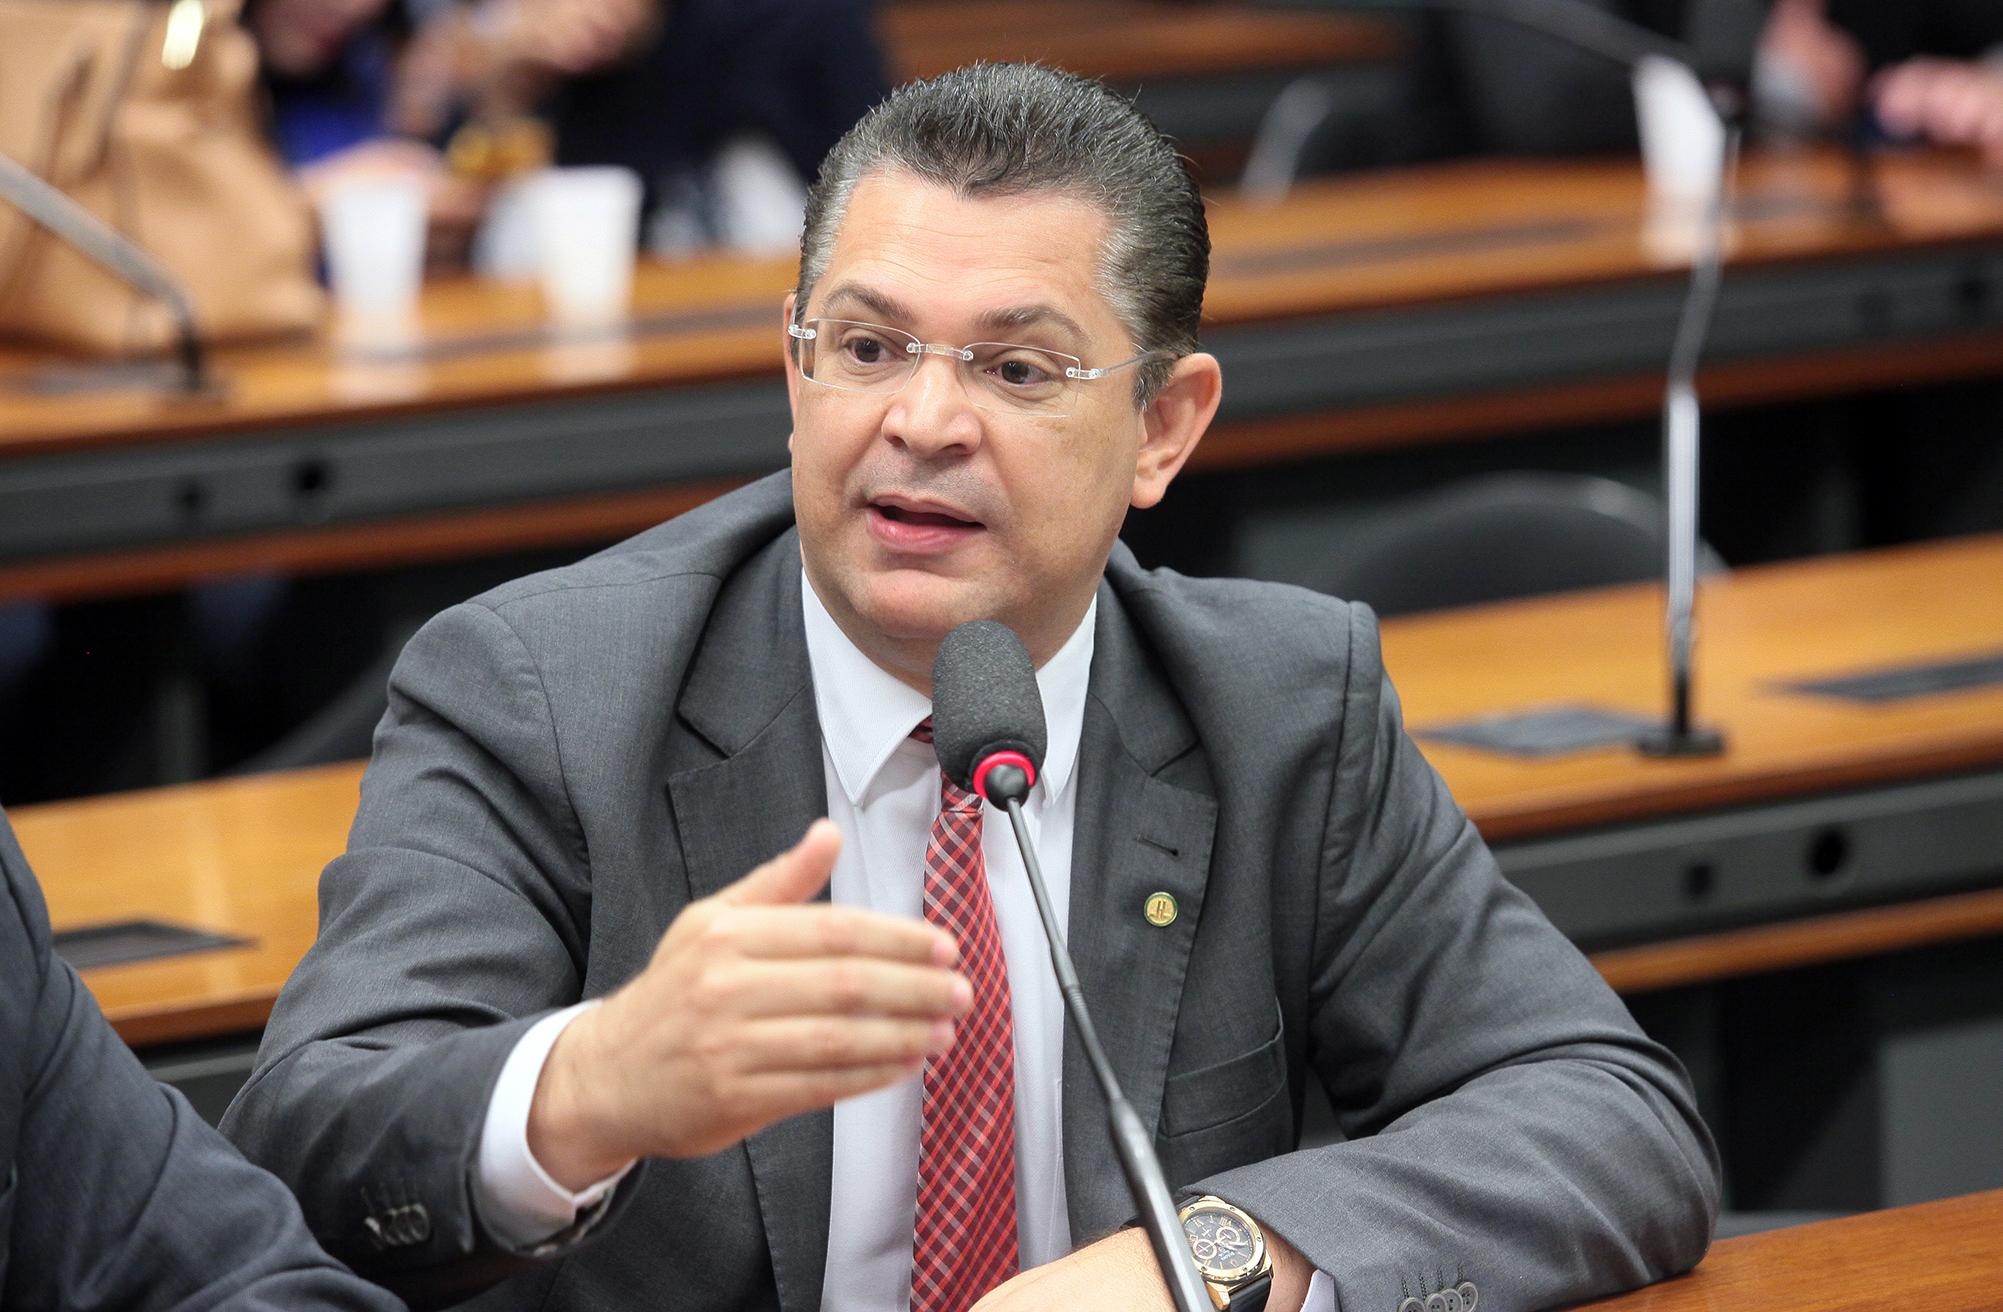 Reunião de instalação da comissão e eleição do Presidente e dos Vice-Presidente. Dep. Sóstenes Cavalcante (DEM-RJ)